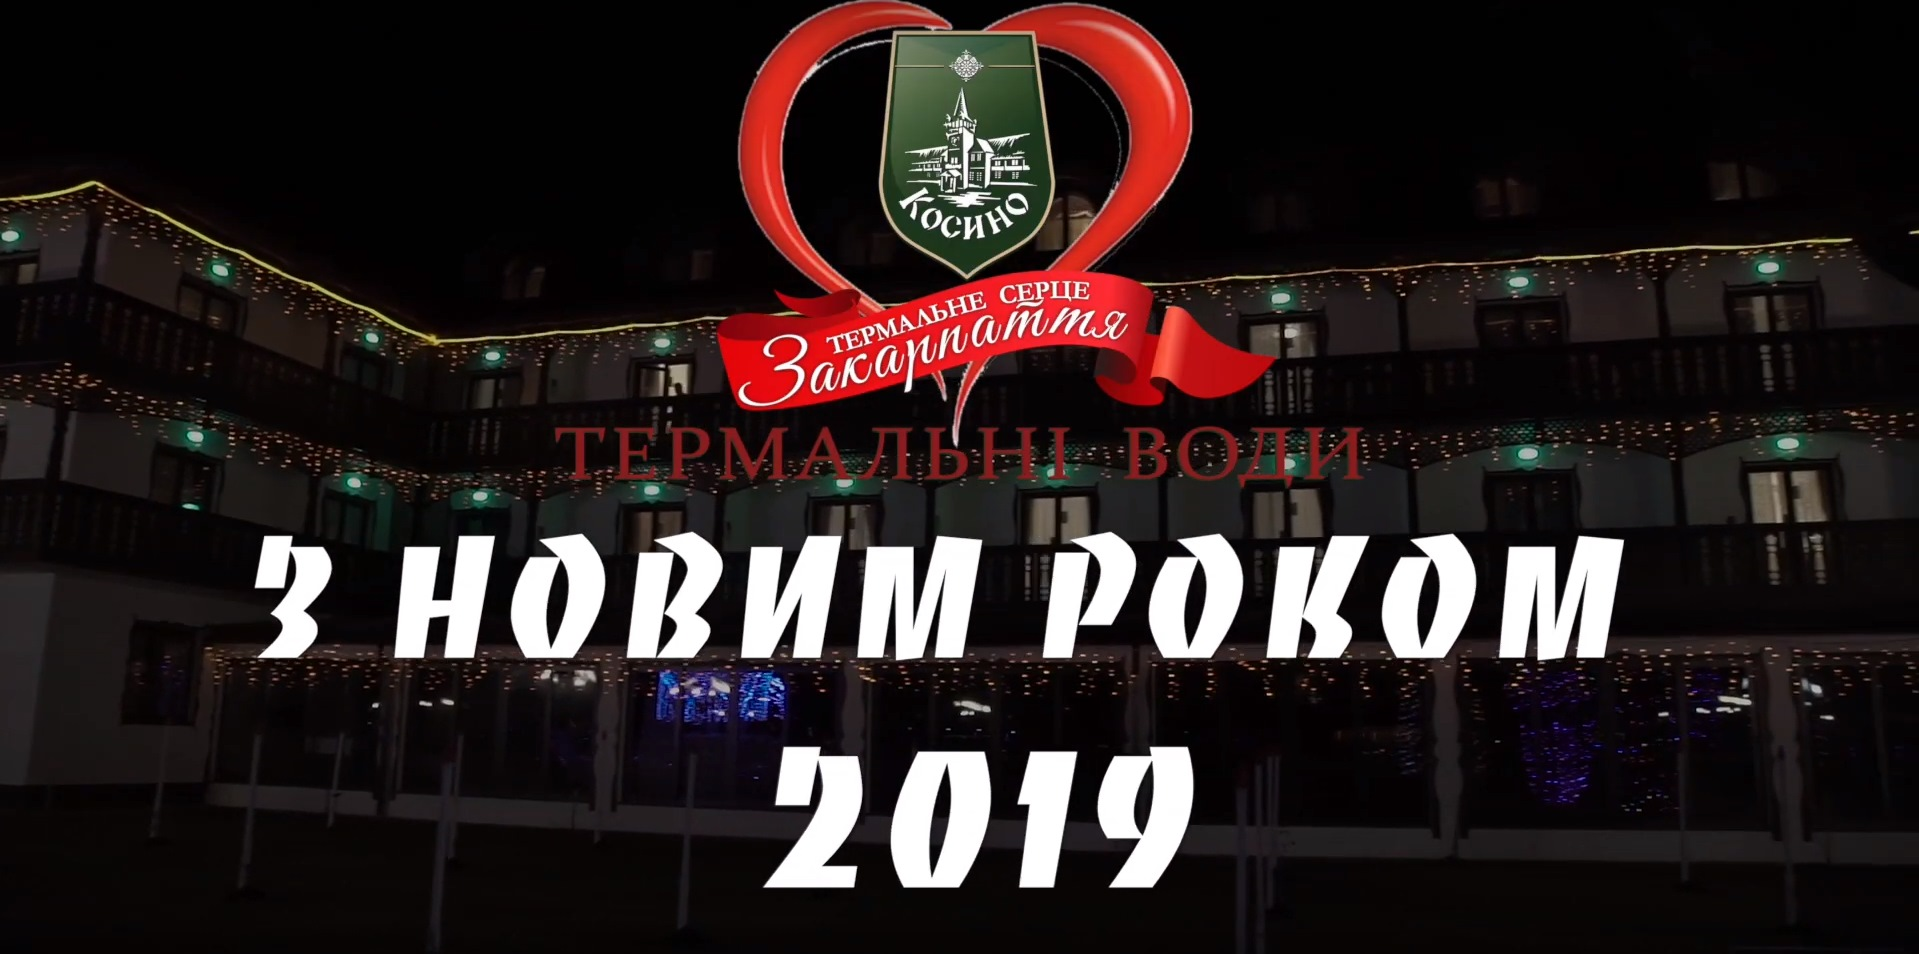 Stretnutie Nový rok 2019 v Termálne kúpele Kosino